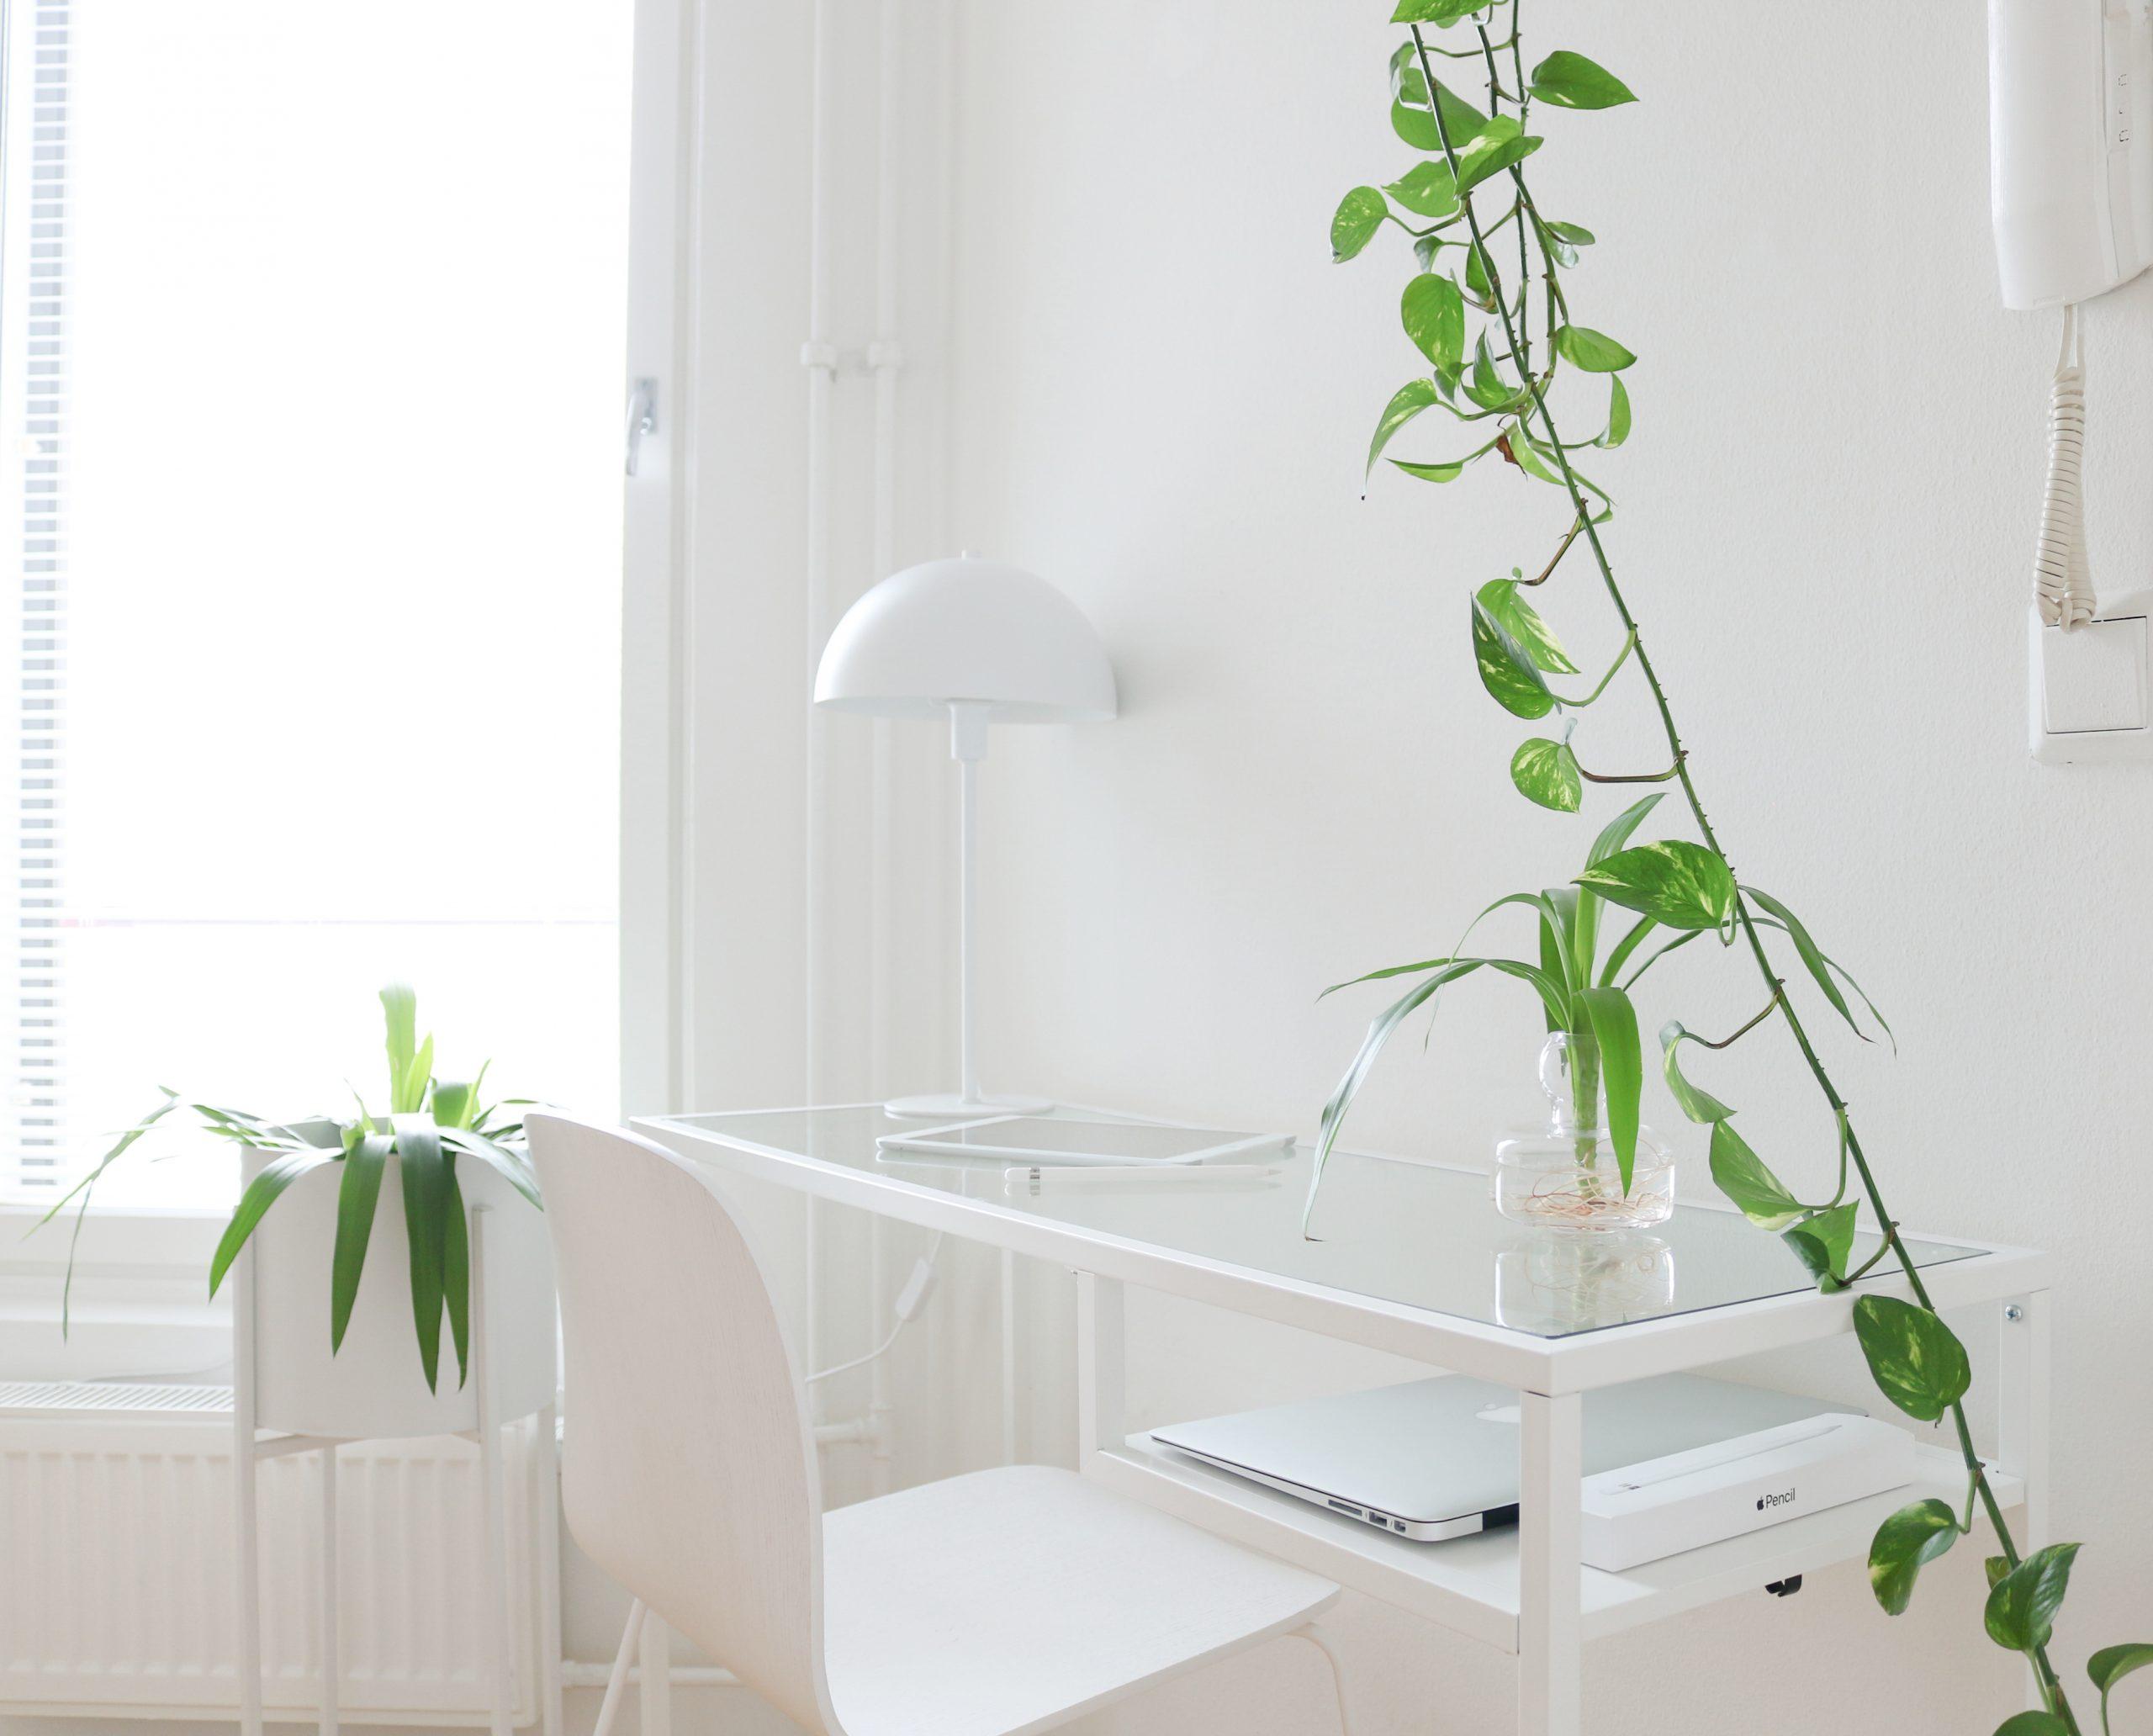 Ikea Vittsjö pöytä sivutaso eteisessä Omakotivalkoinen